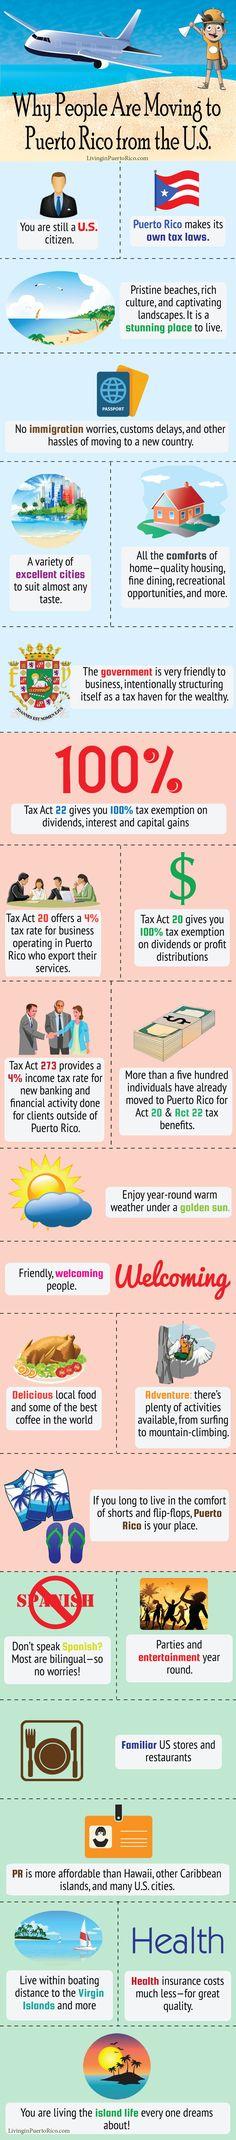 FUCKING COLONIA! Independencia ya, para que estos gingos no sigan vendiendo nuestra tierra y vengan a aprovecharse de las mierdas de leyes capitalistas de este gobierno antidemocrático!  Why People Are Moving to Puerto Rico from the US #infographic #puertorico